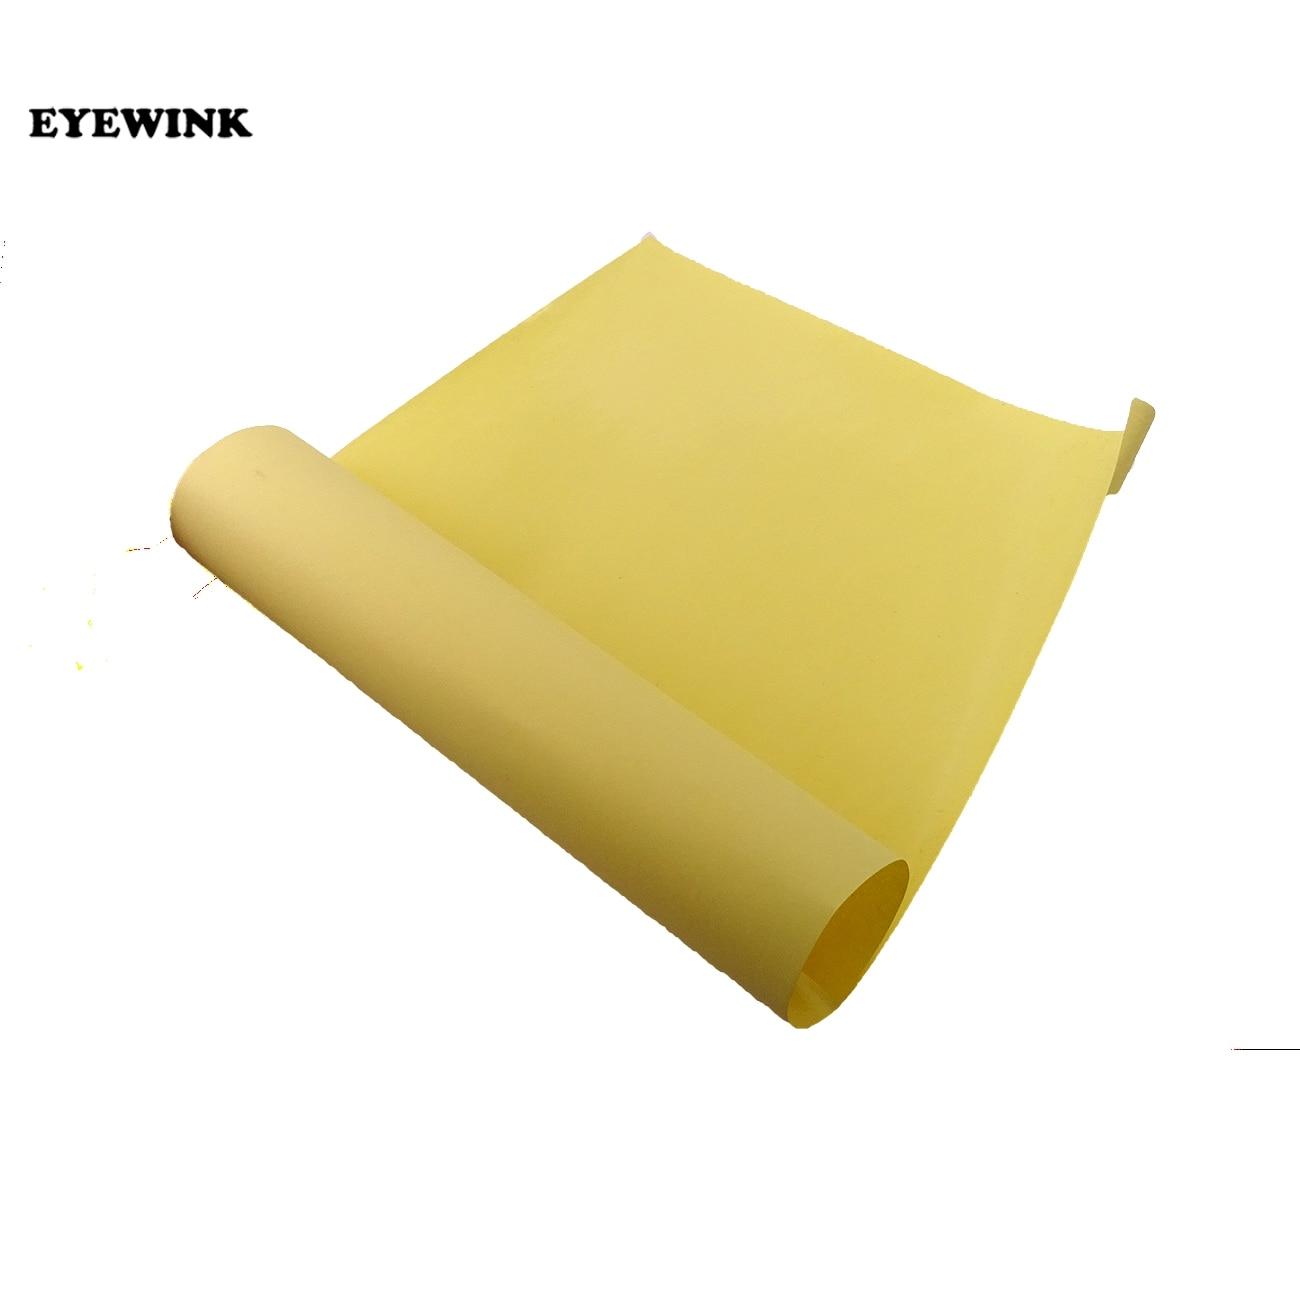 10 шт., листы A4, термопереводная бумага с тонером для самостоятельного изготовления печатных плат, электронных прототипов Mak